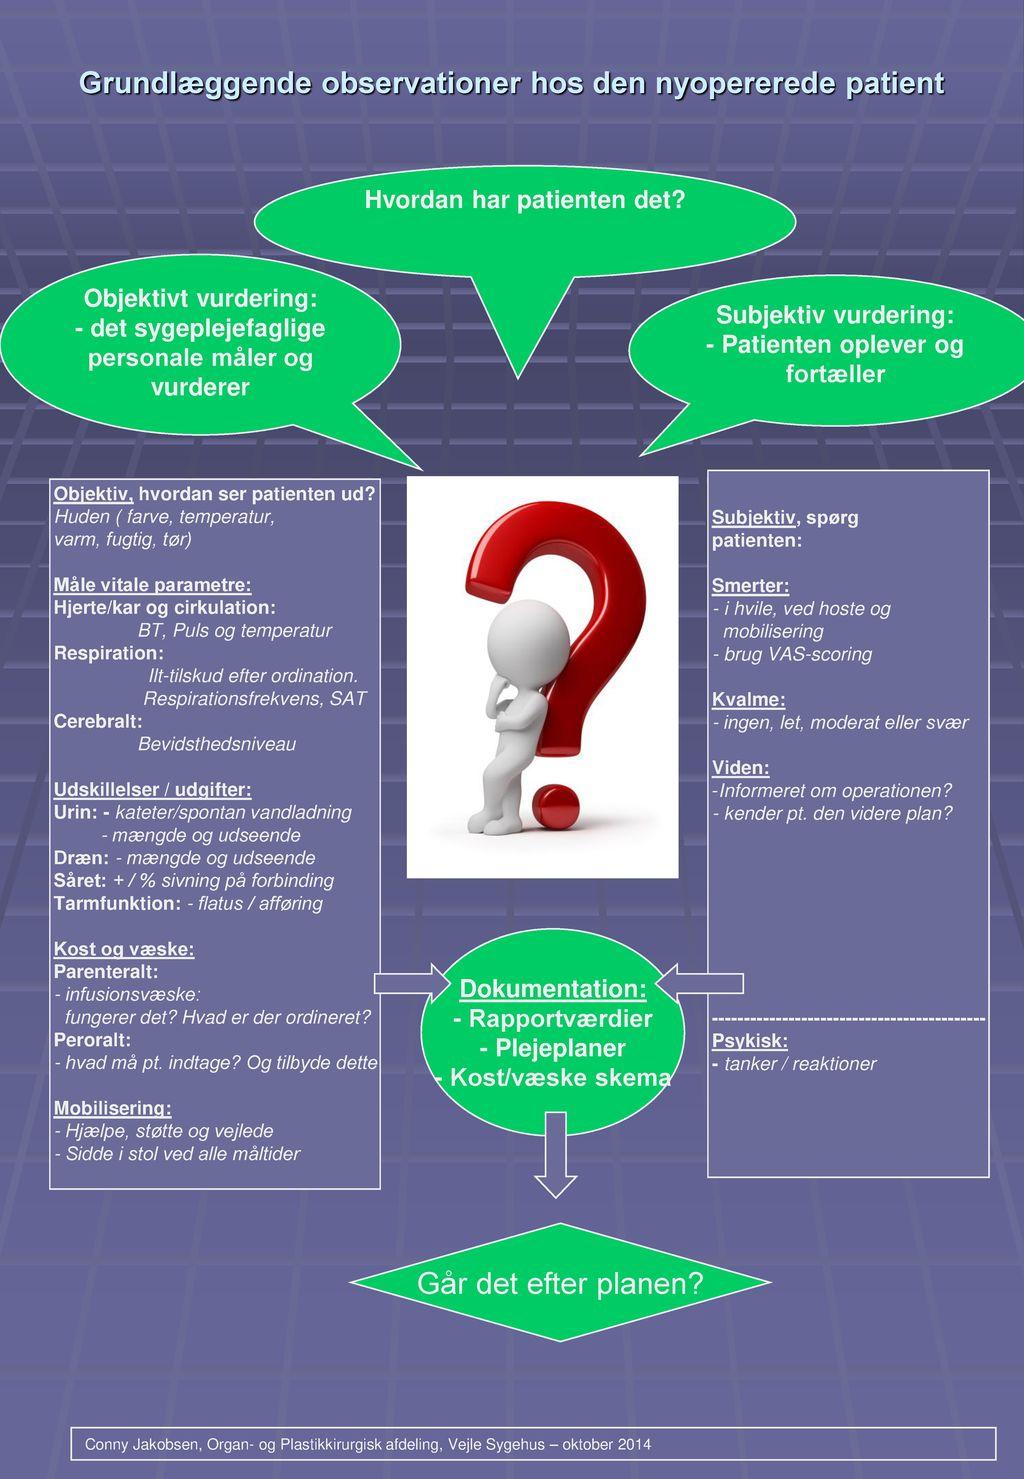 Grundlæggende observationer hos den nyopererede patient